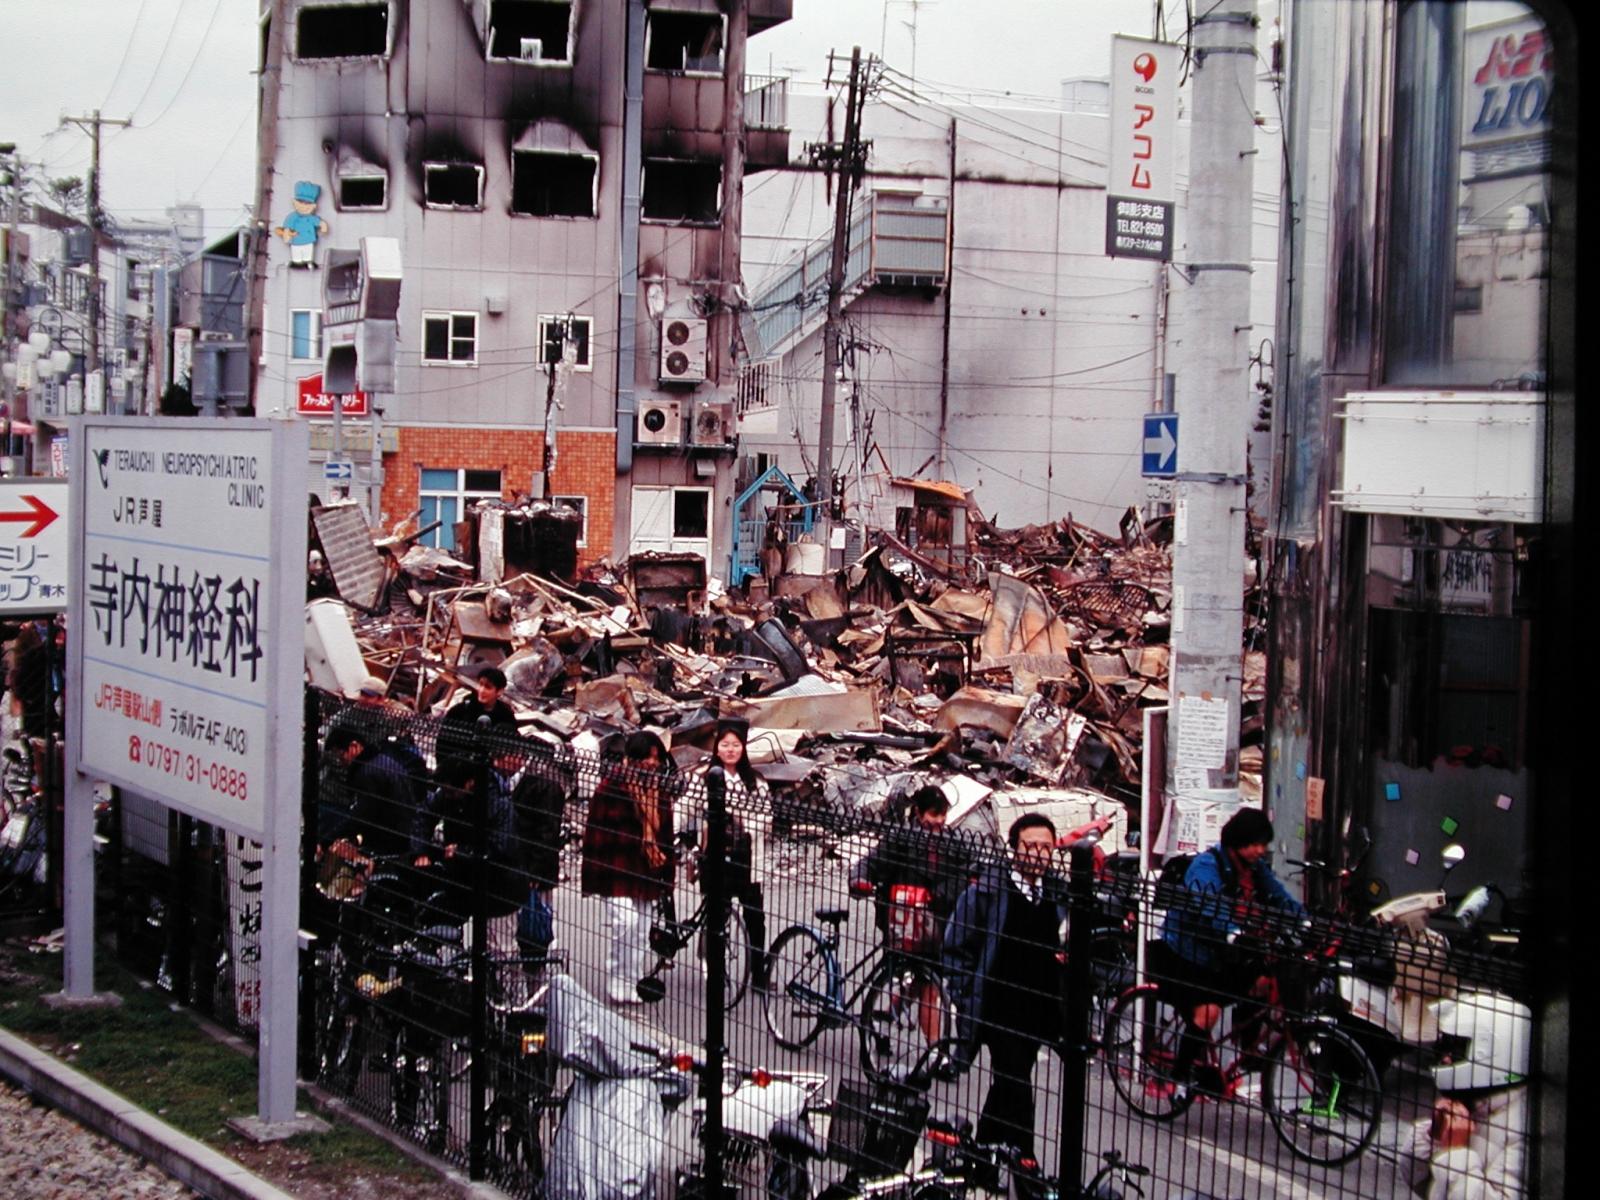 阪神淡路大震災20年】写真に残されたこと by iRyota25 - potaru(ぽたる)